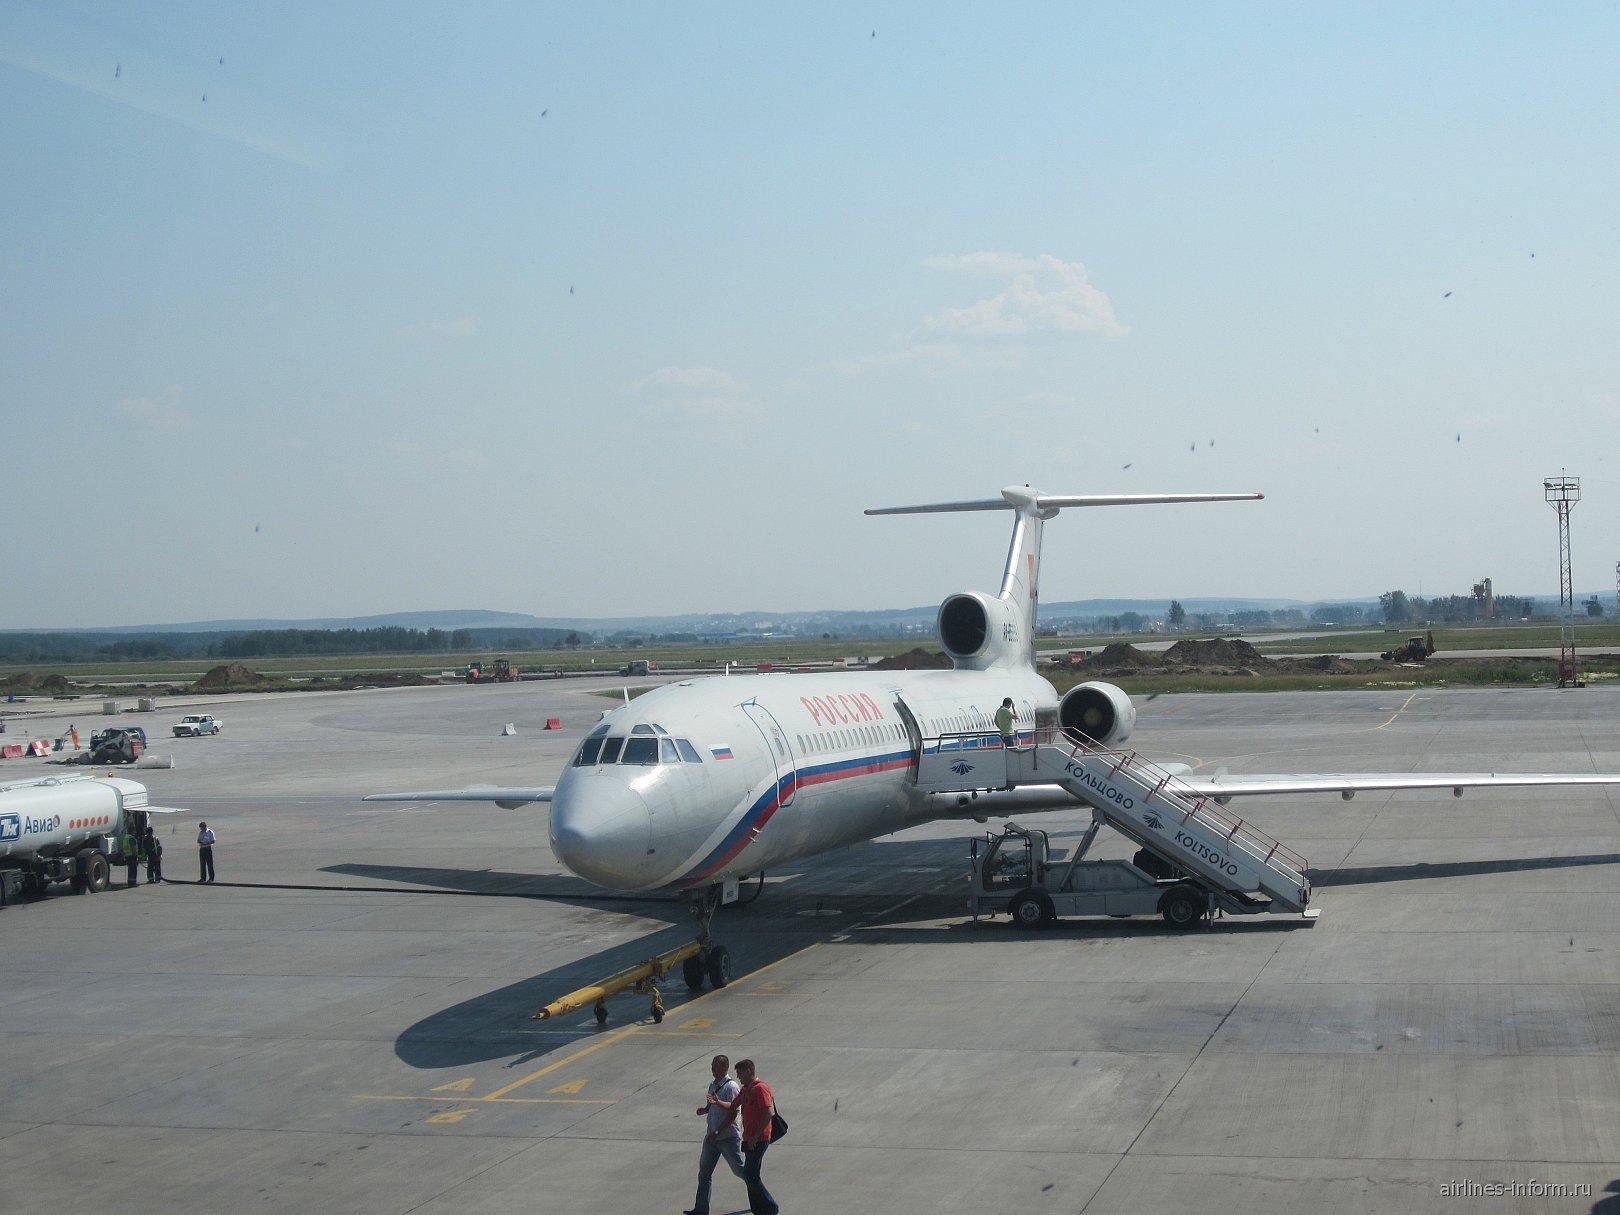 Самолет Ту-154 СЛО Россия в аэропорту Кольцово